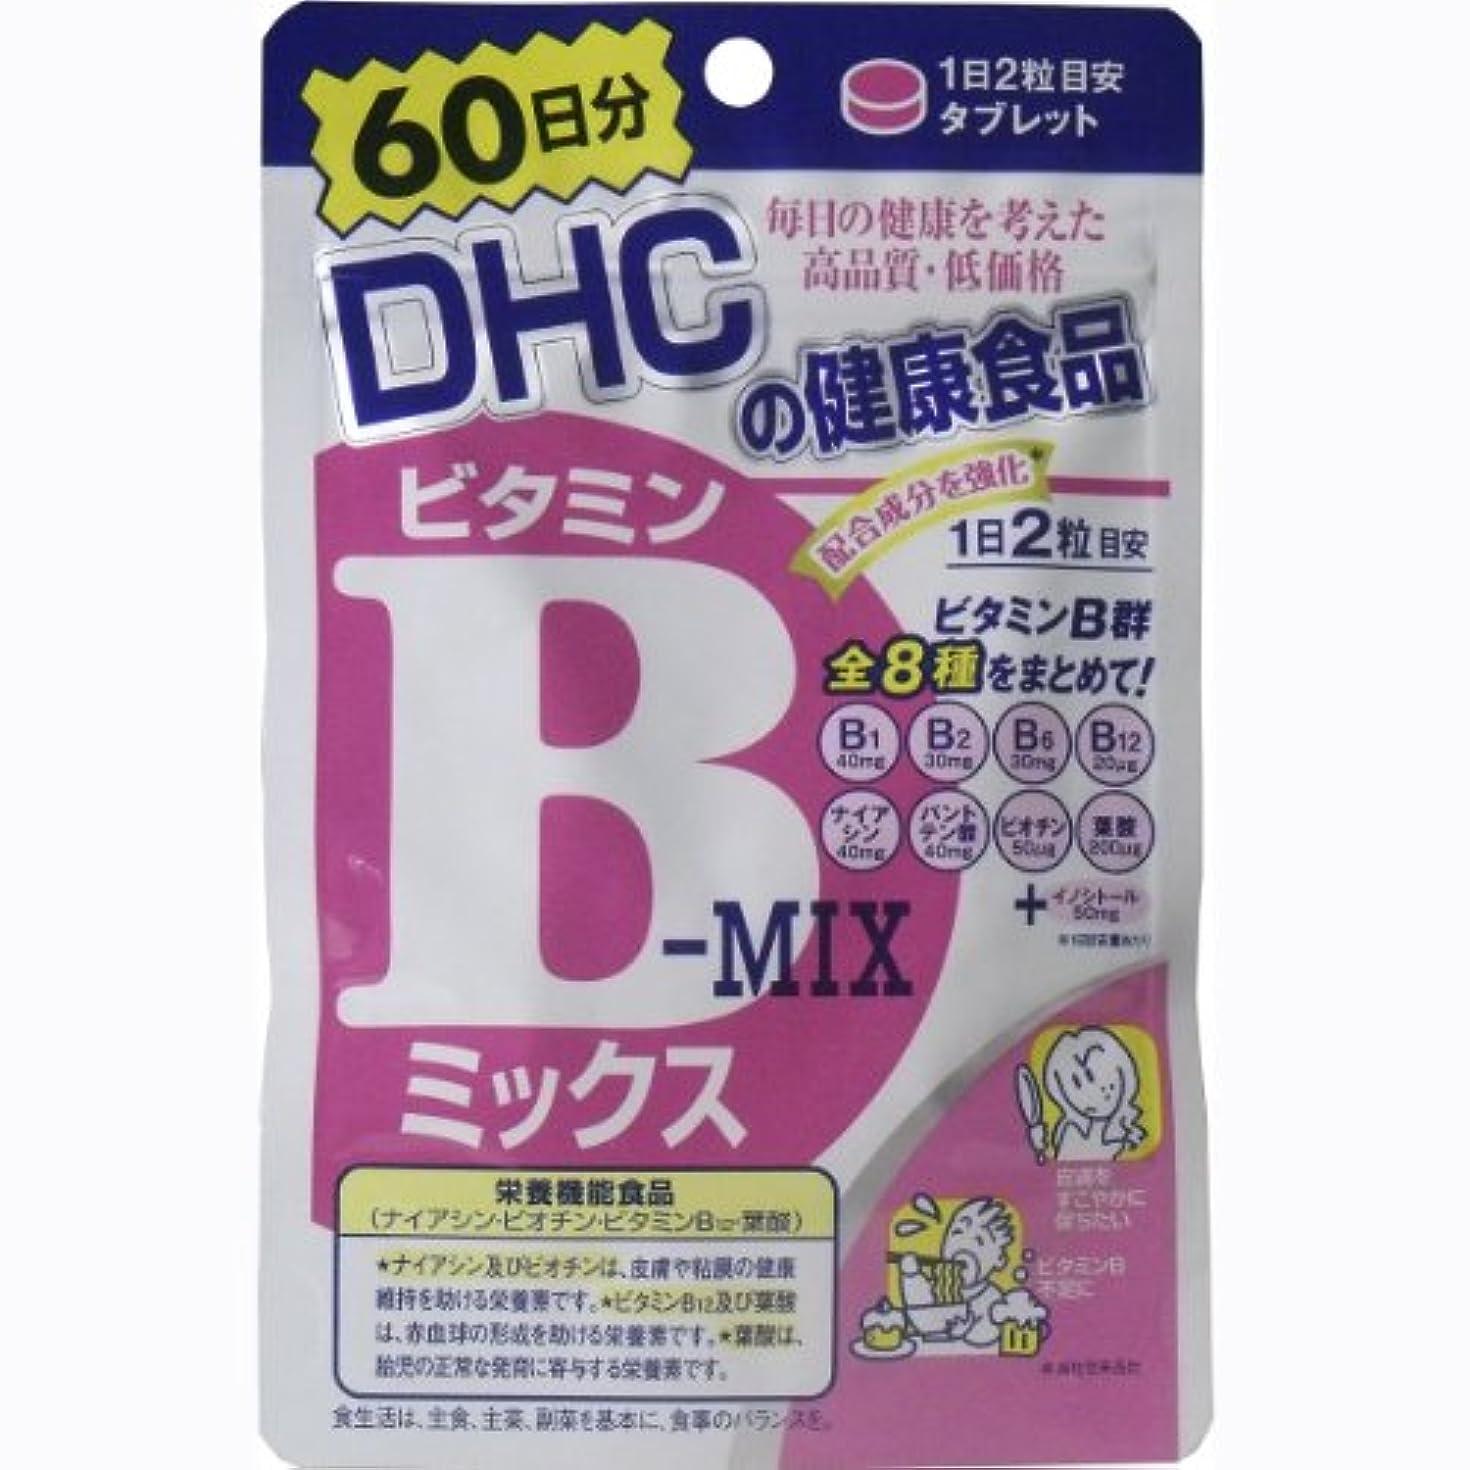 コーンウォール拍手プロペラDHC ビタミンBミックス 60日分 120粒 ×6個セット